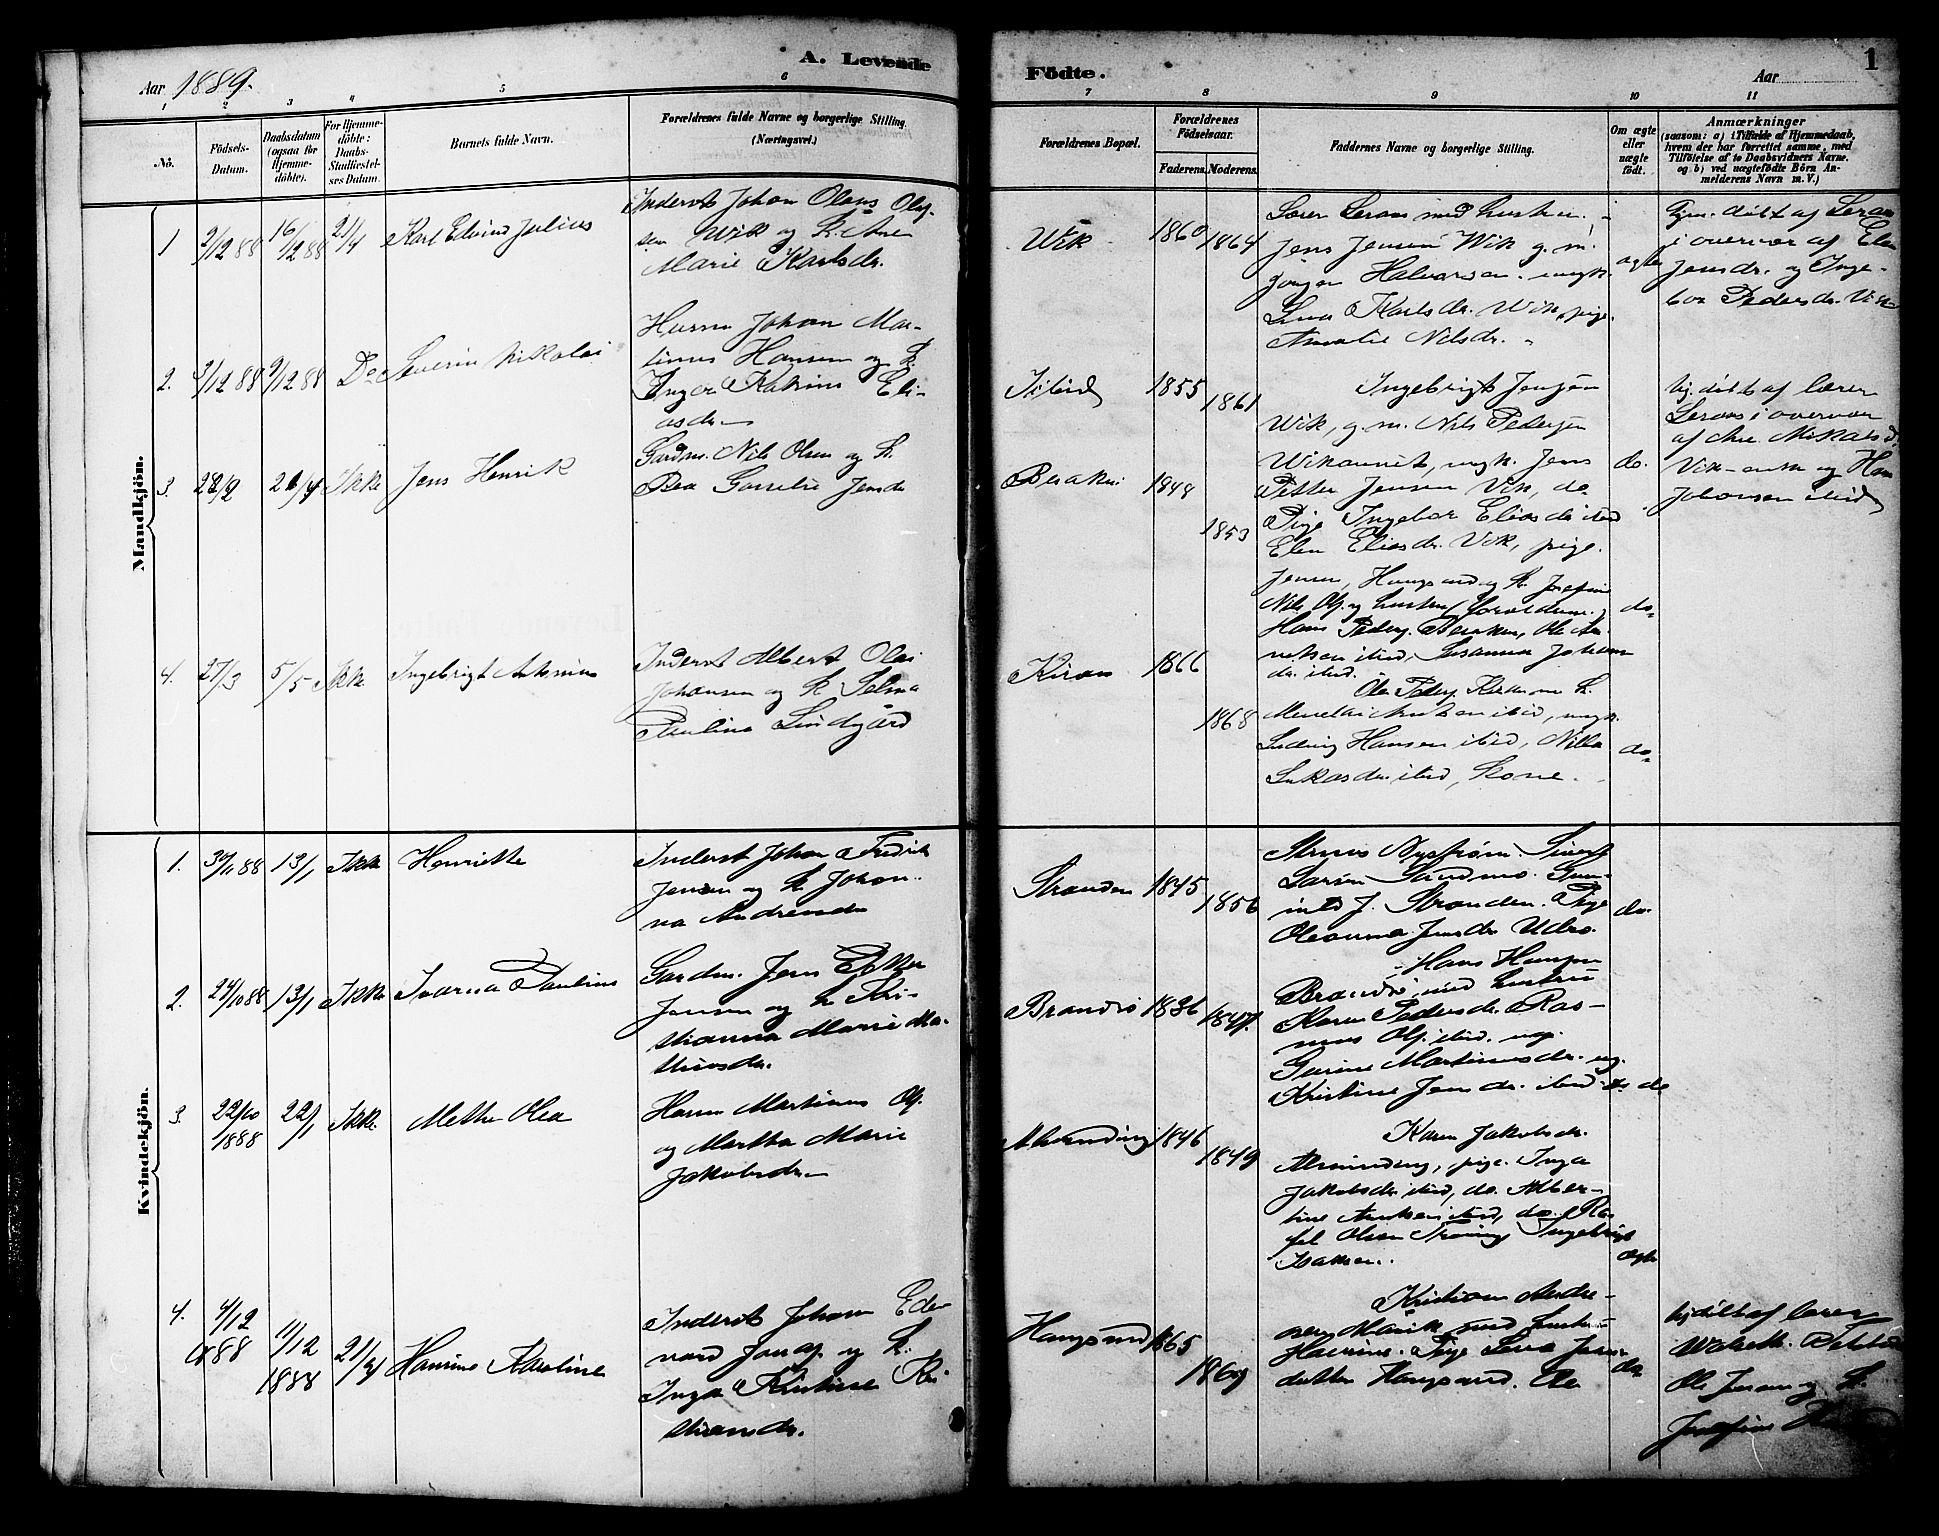 SAT, Ministerialprotokoller, klokkerbøker og fødselsregistre - Sør-Trøndelag, 657/L0716: Klokkerbok nr. 657C03, 1889-1904, s. 1